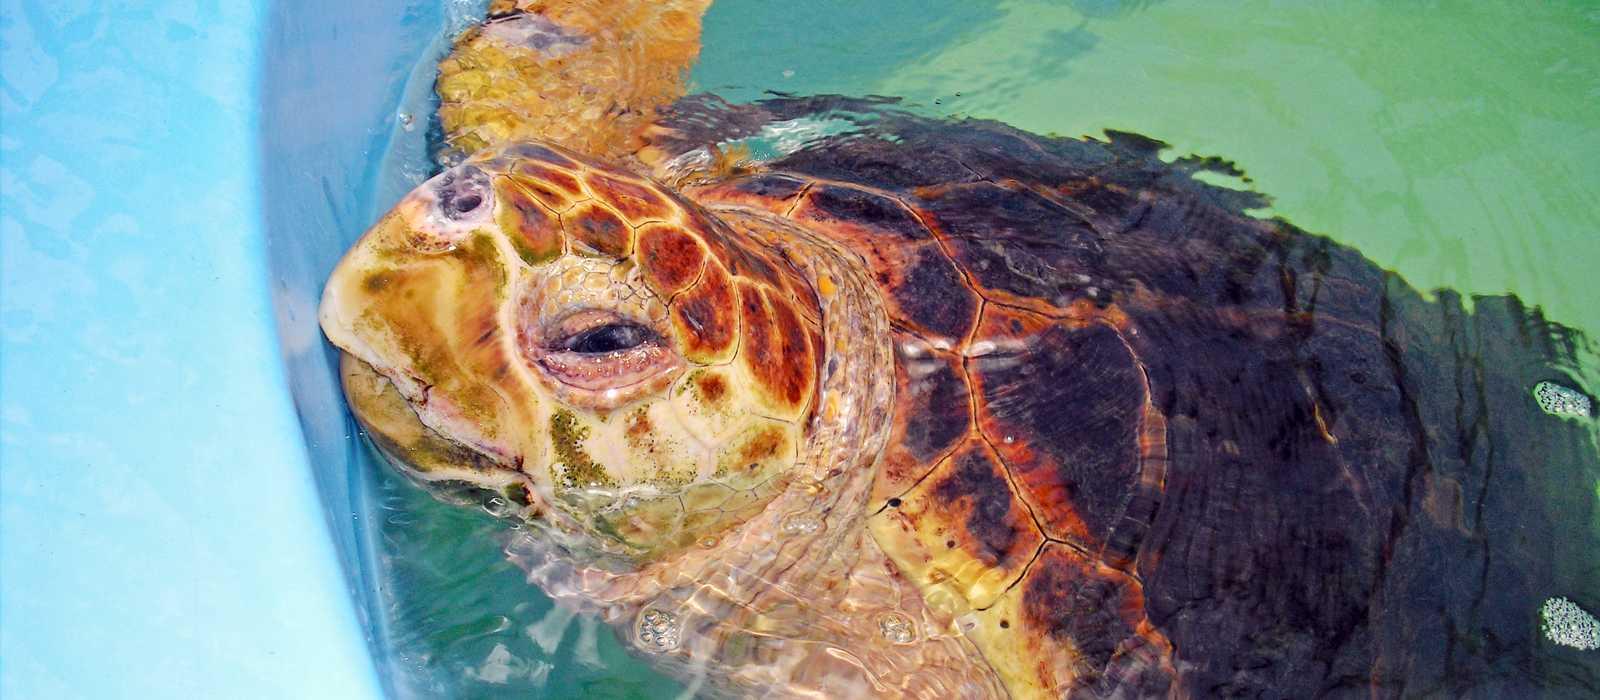 Loggerhead Turtle (Karettschildkröte)